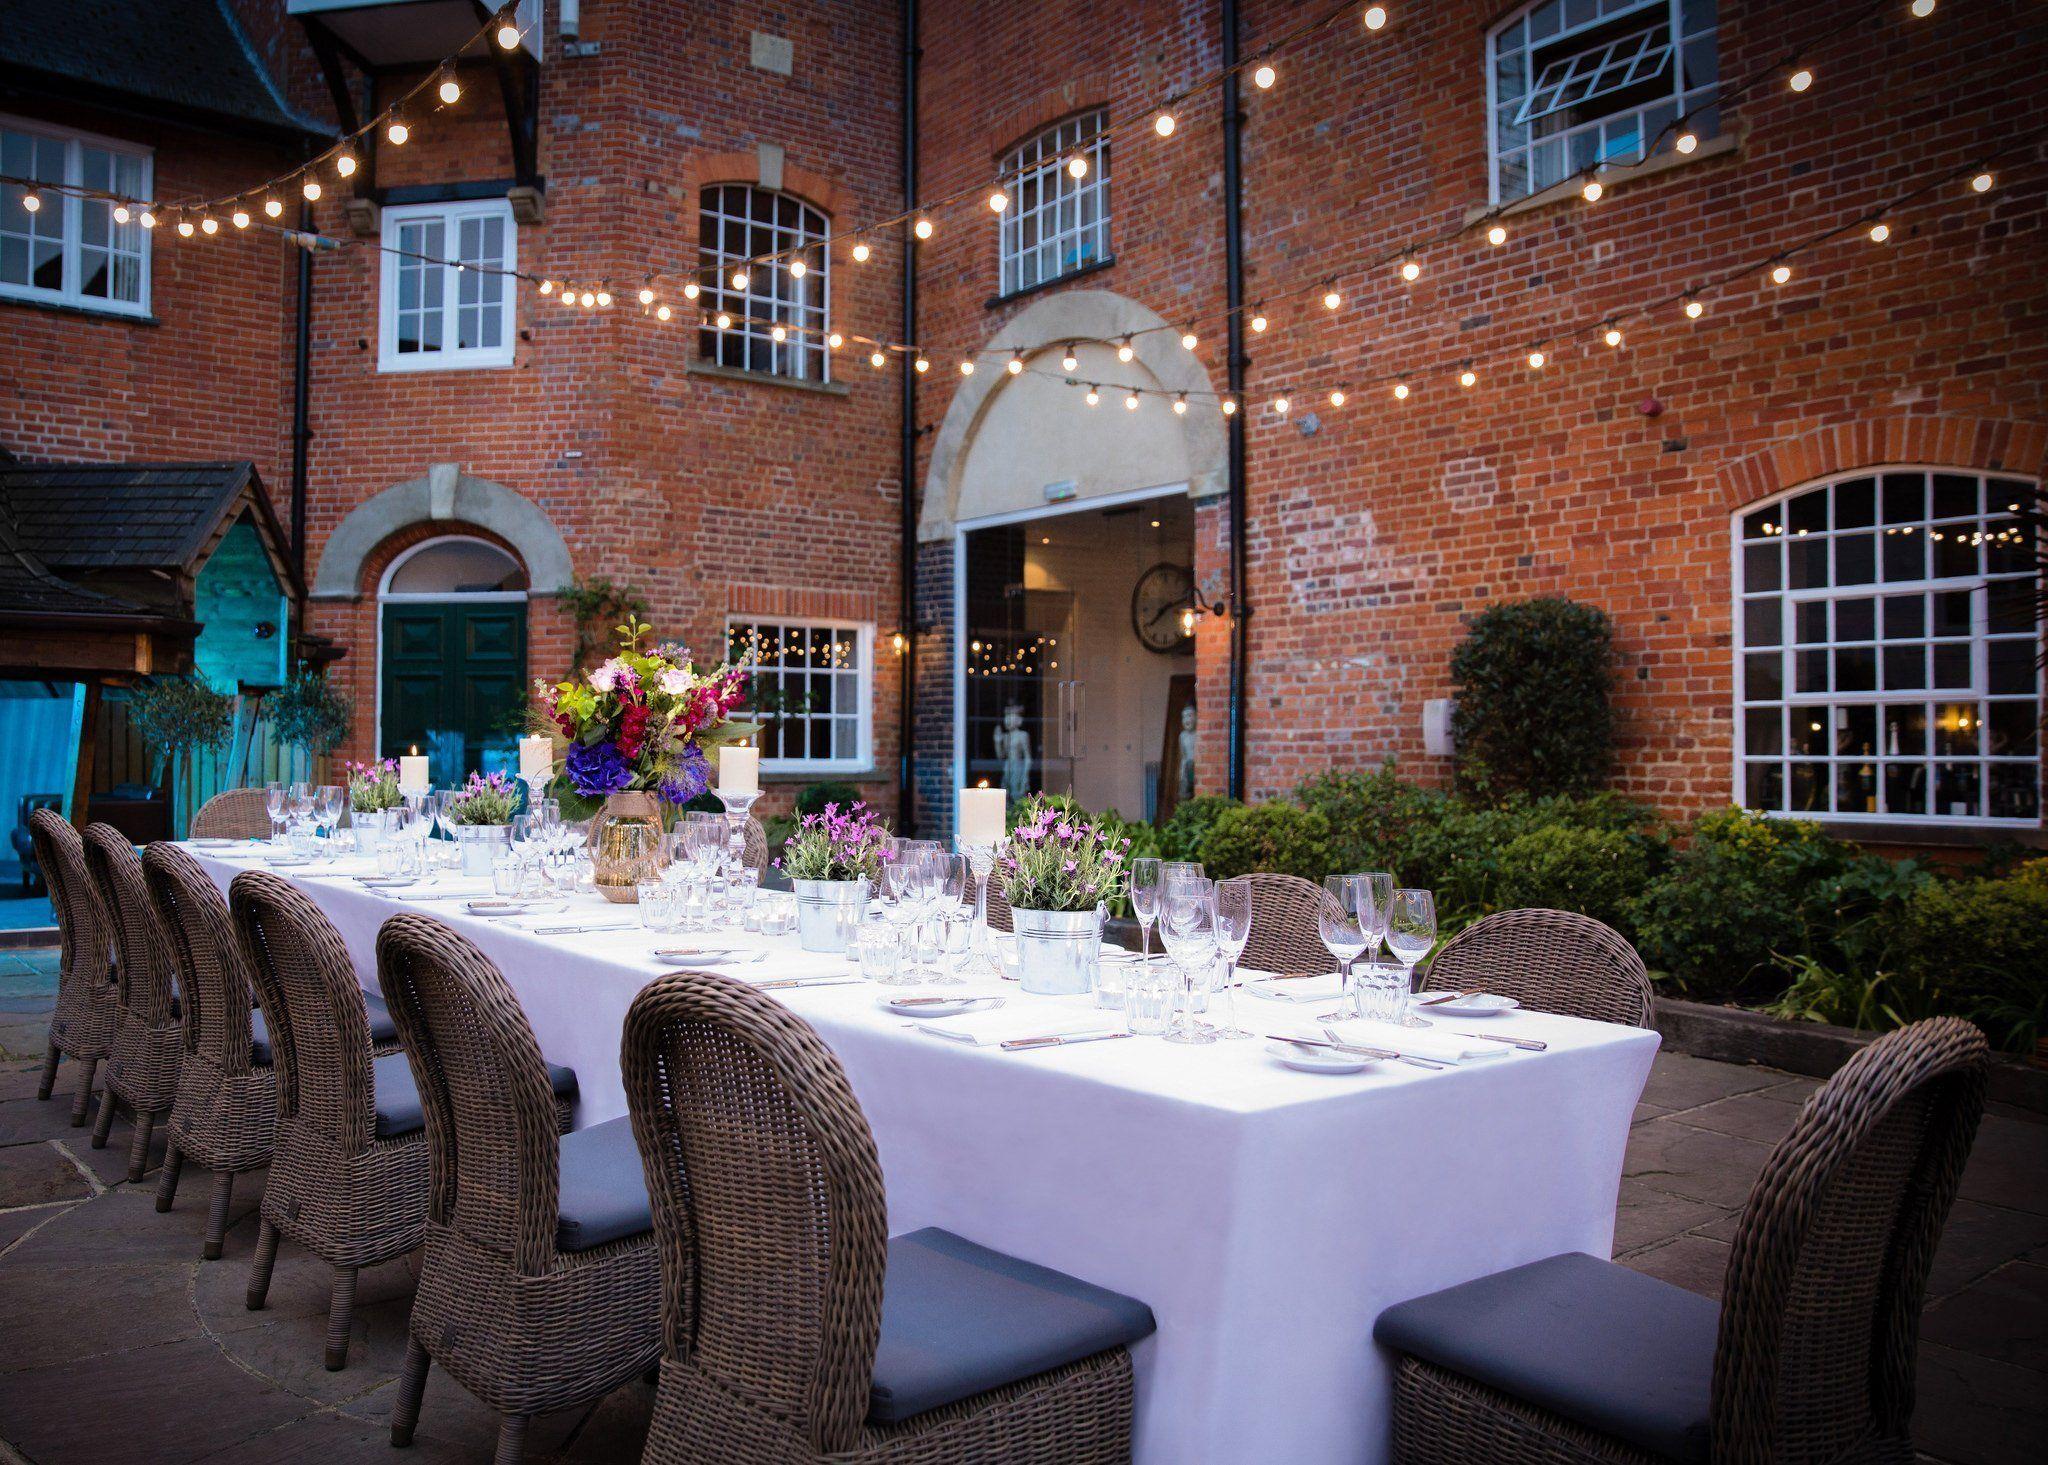 Wedding venues in Bristol